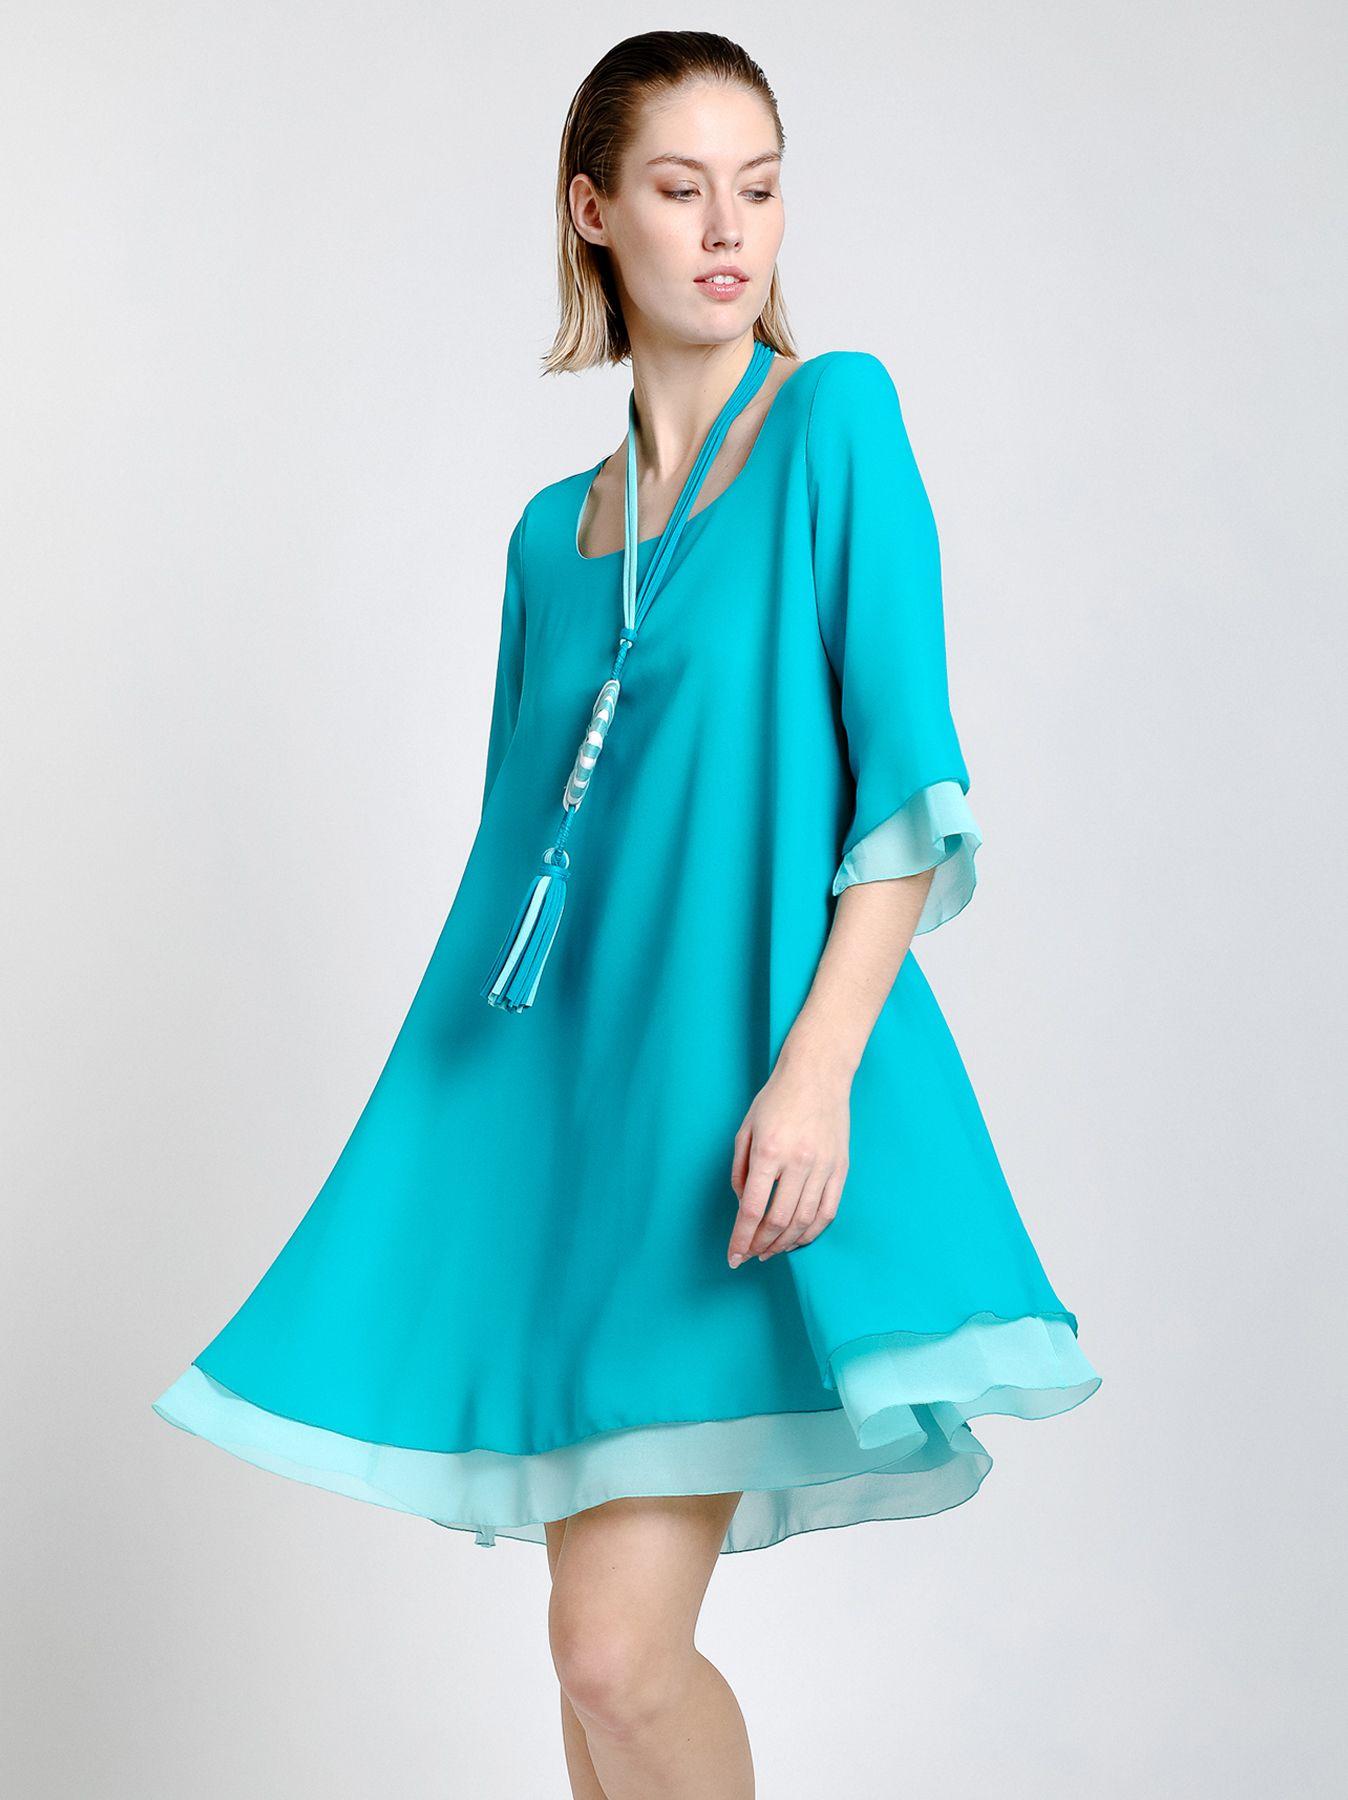 Double layer chiffon dress